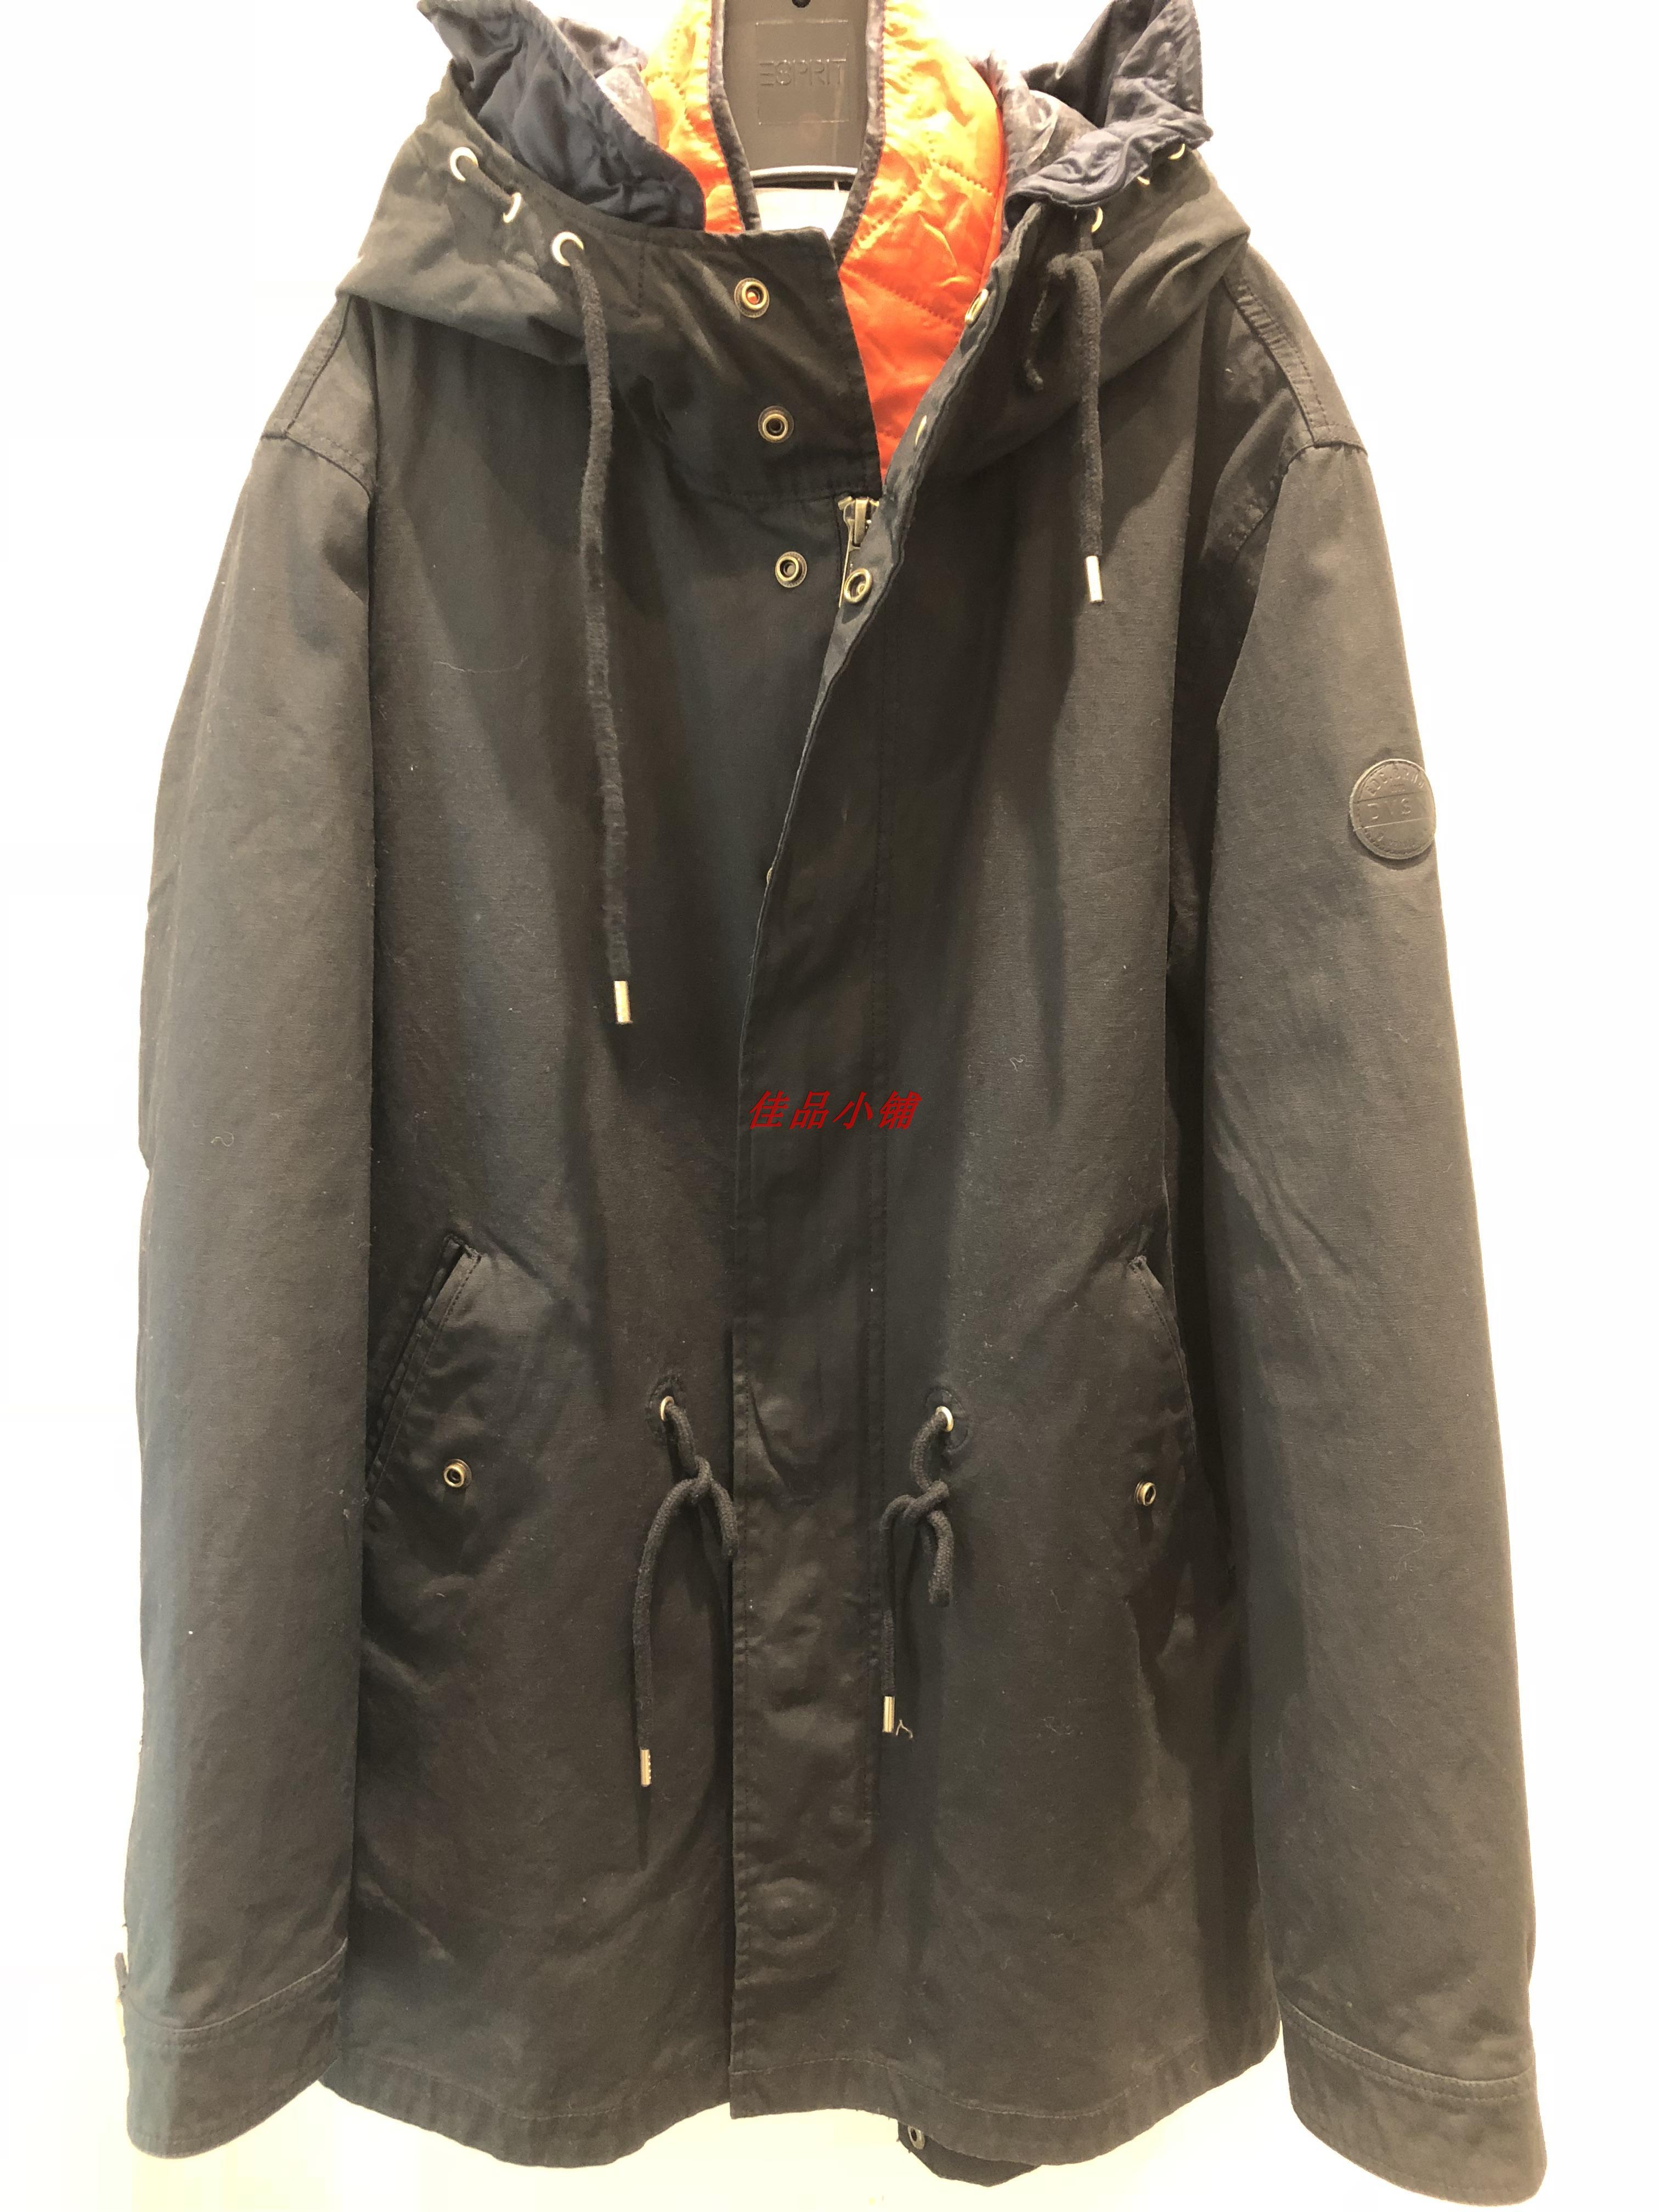 正品 Esprit 新款男装休闲两件套棉服 097CC2G901 1699